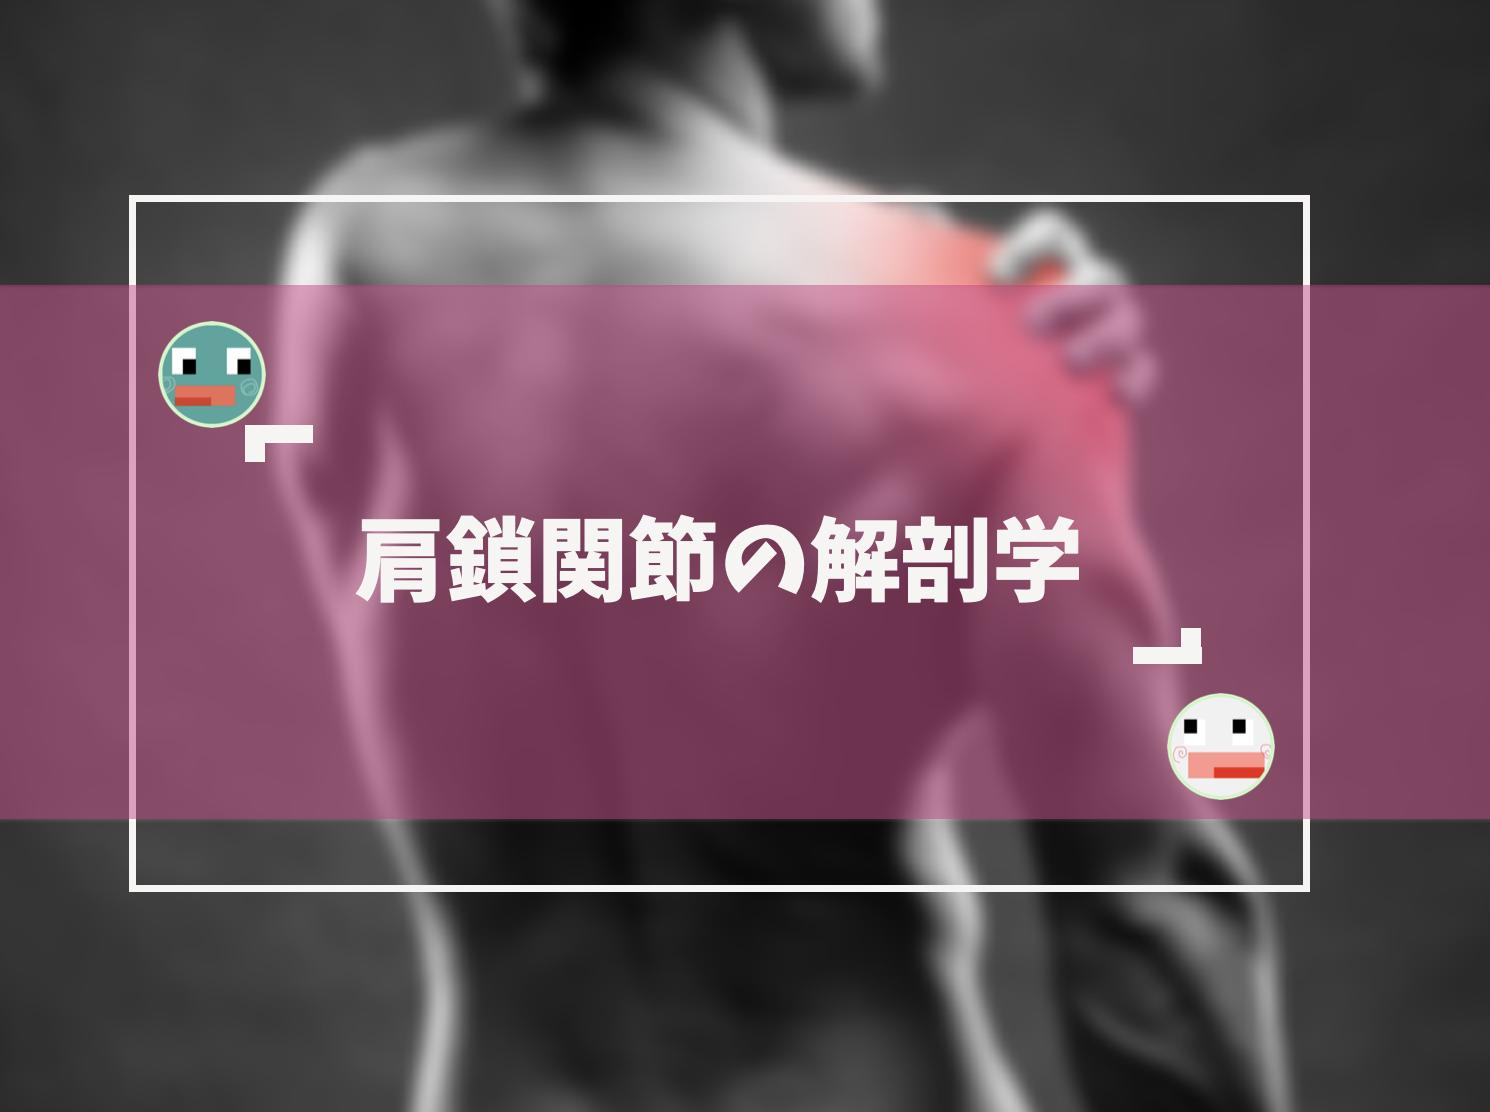 肩鎖関節の基礎解剖学